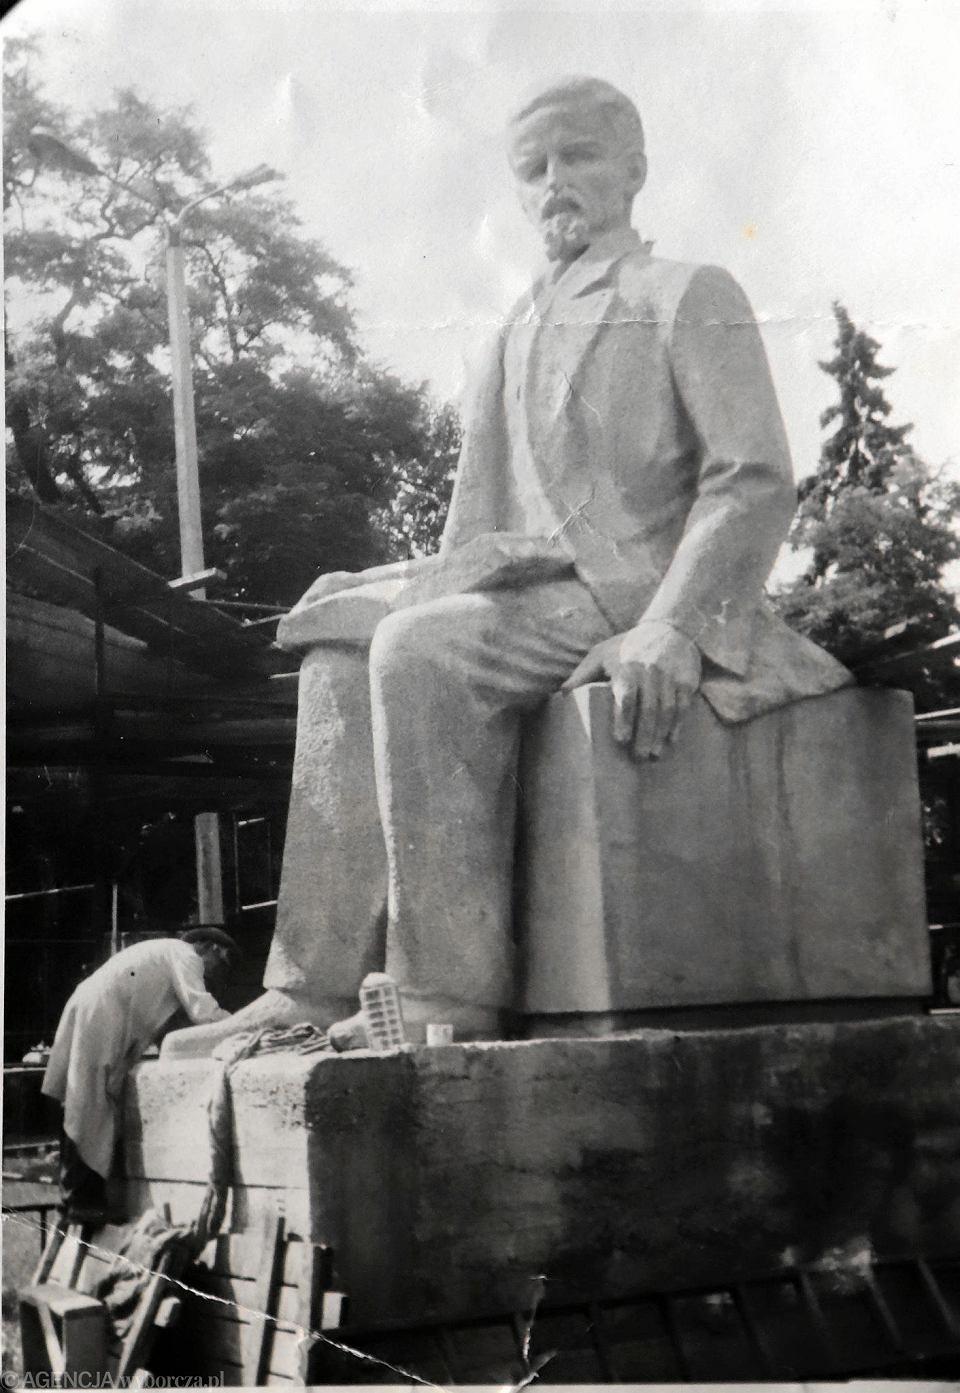 Budowa pomnika Henryka Sienkiewicza w III Alei. Zdjęcie z archiwum rodzinnego